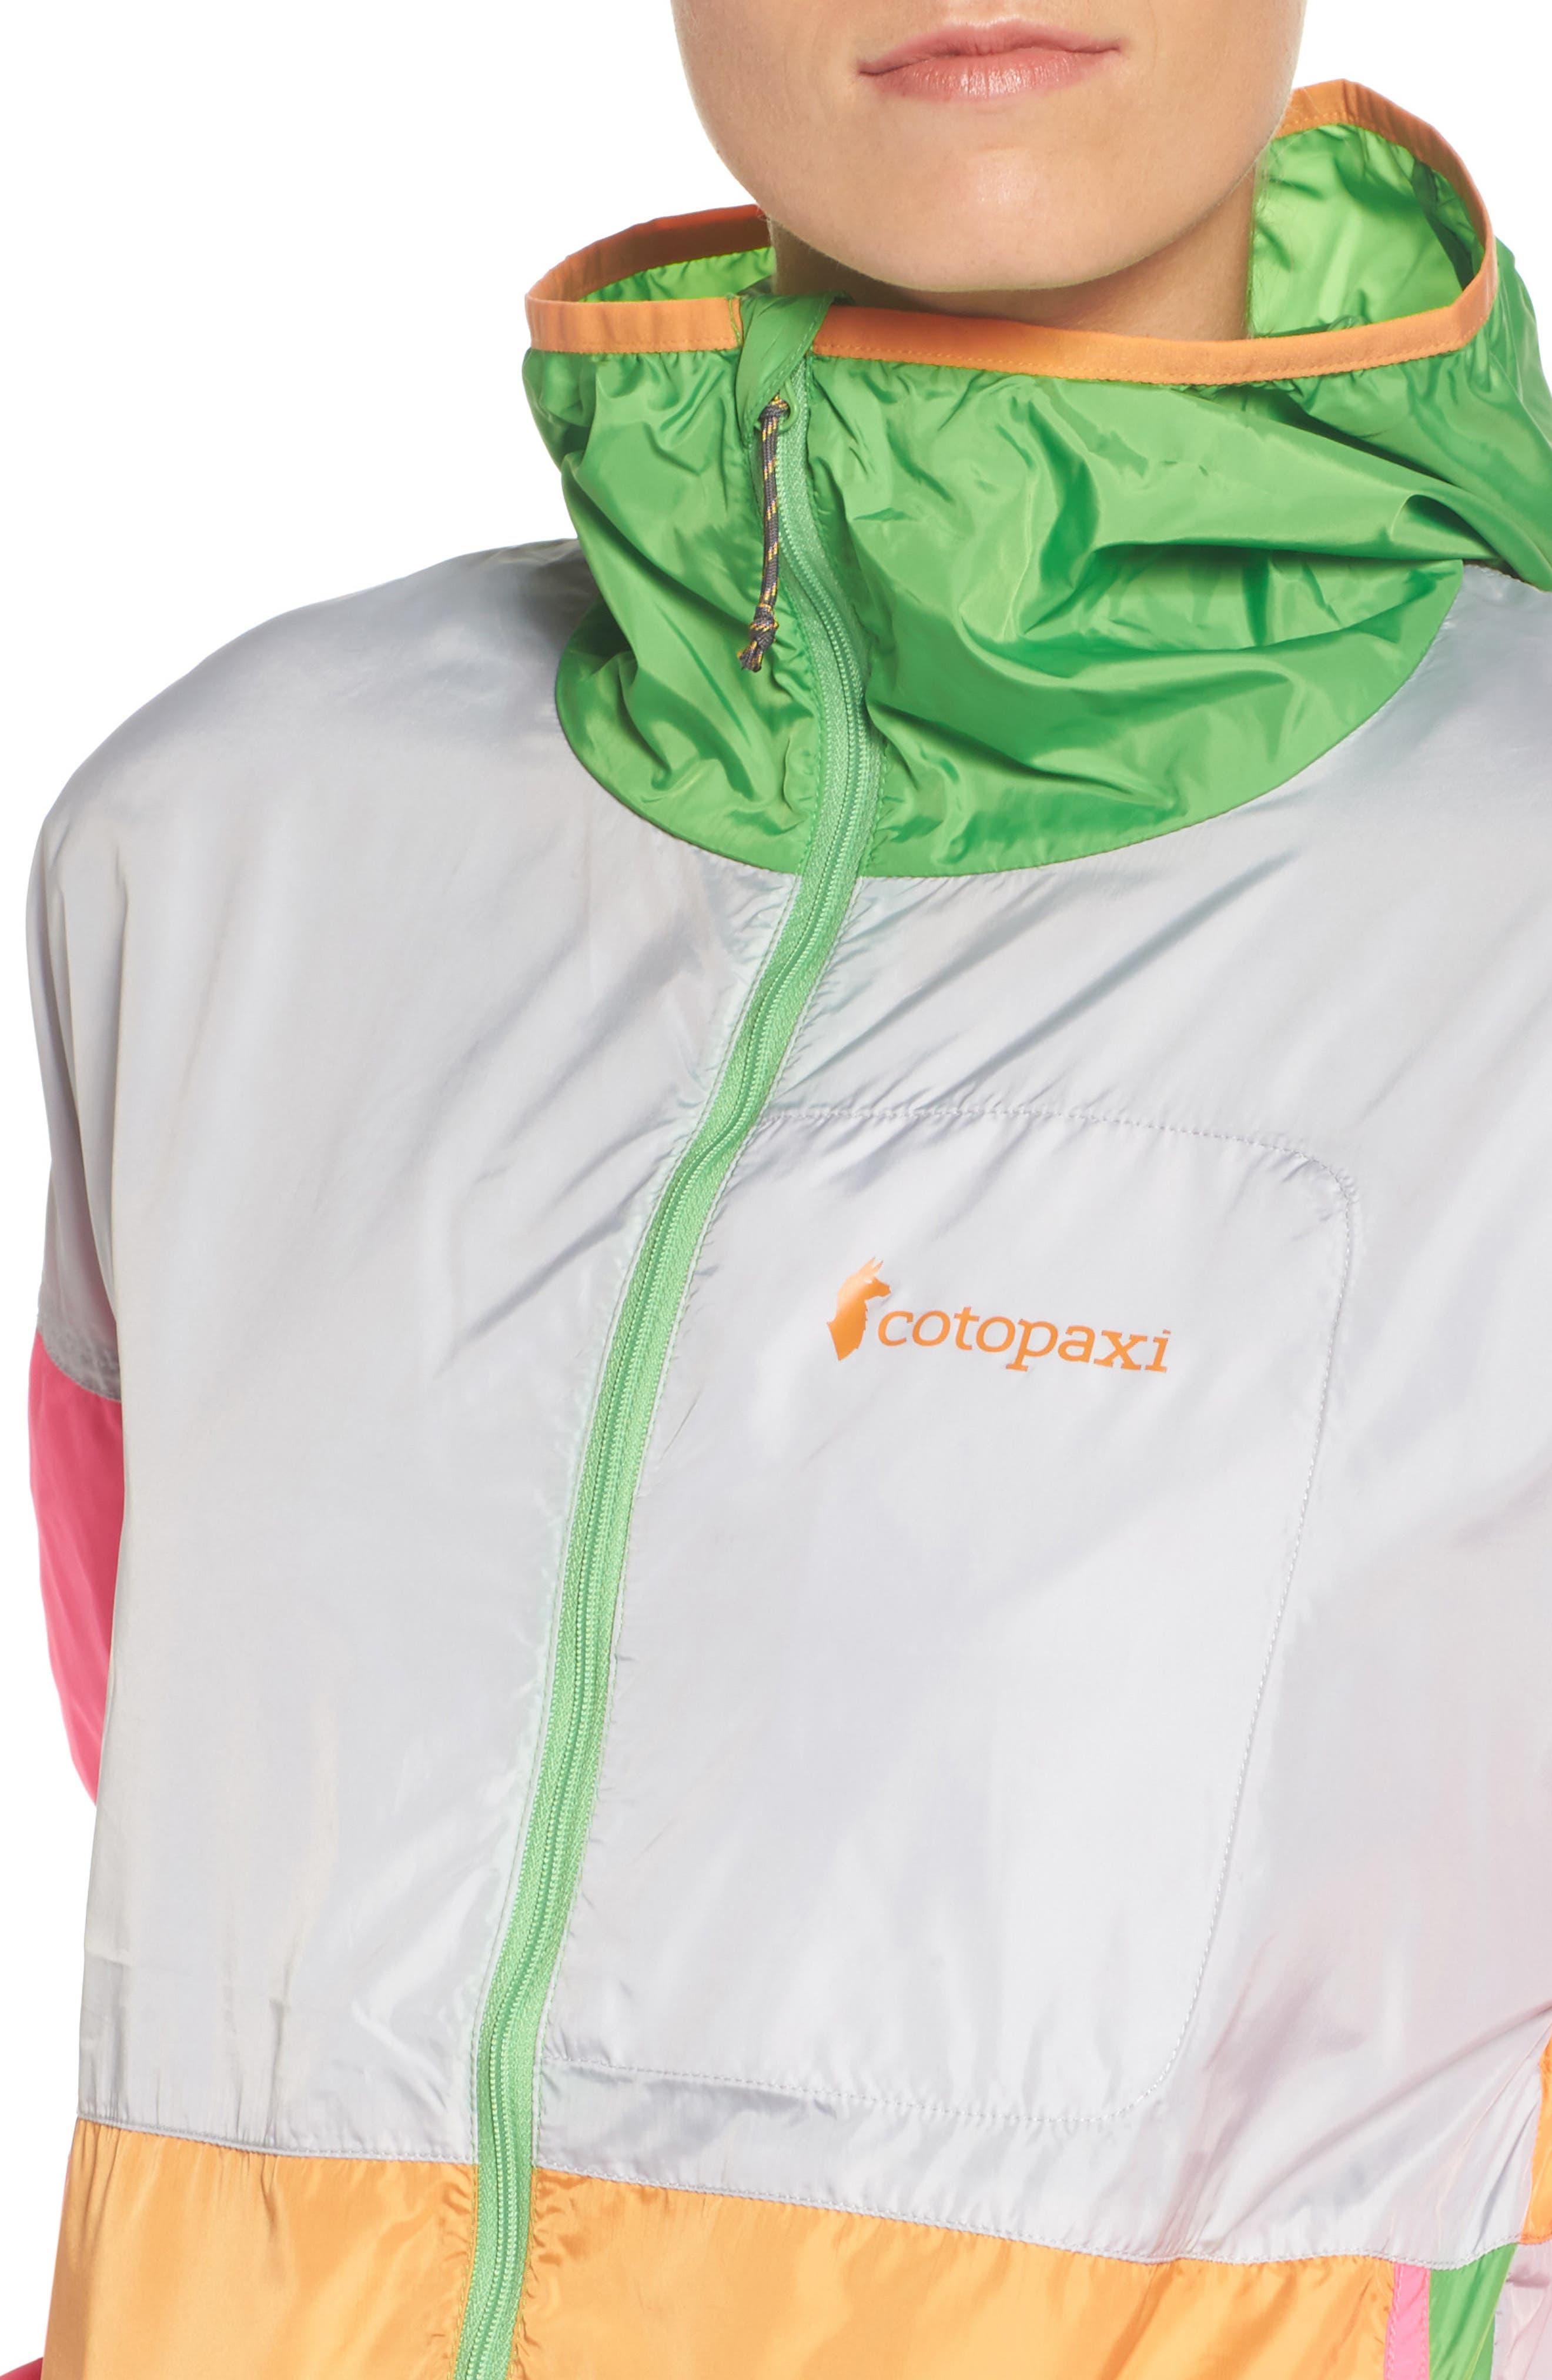 Alternate Image 4  - Cotopaxi Teca Packable Water Resistant Windbreaker Jacket